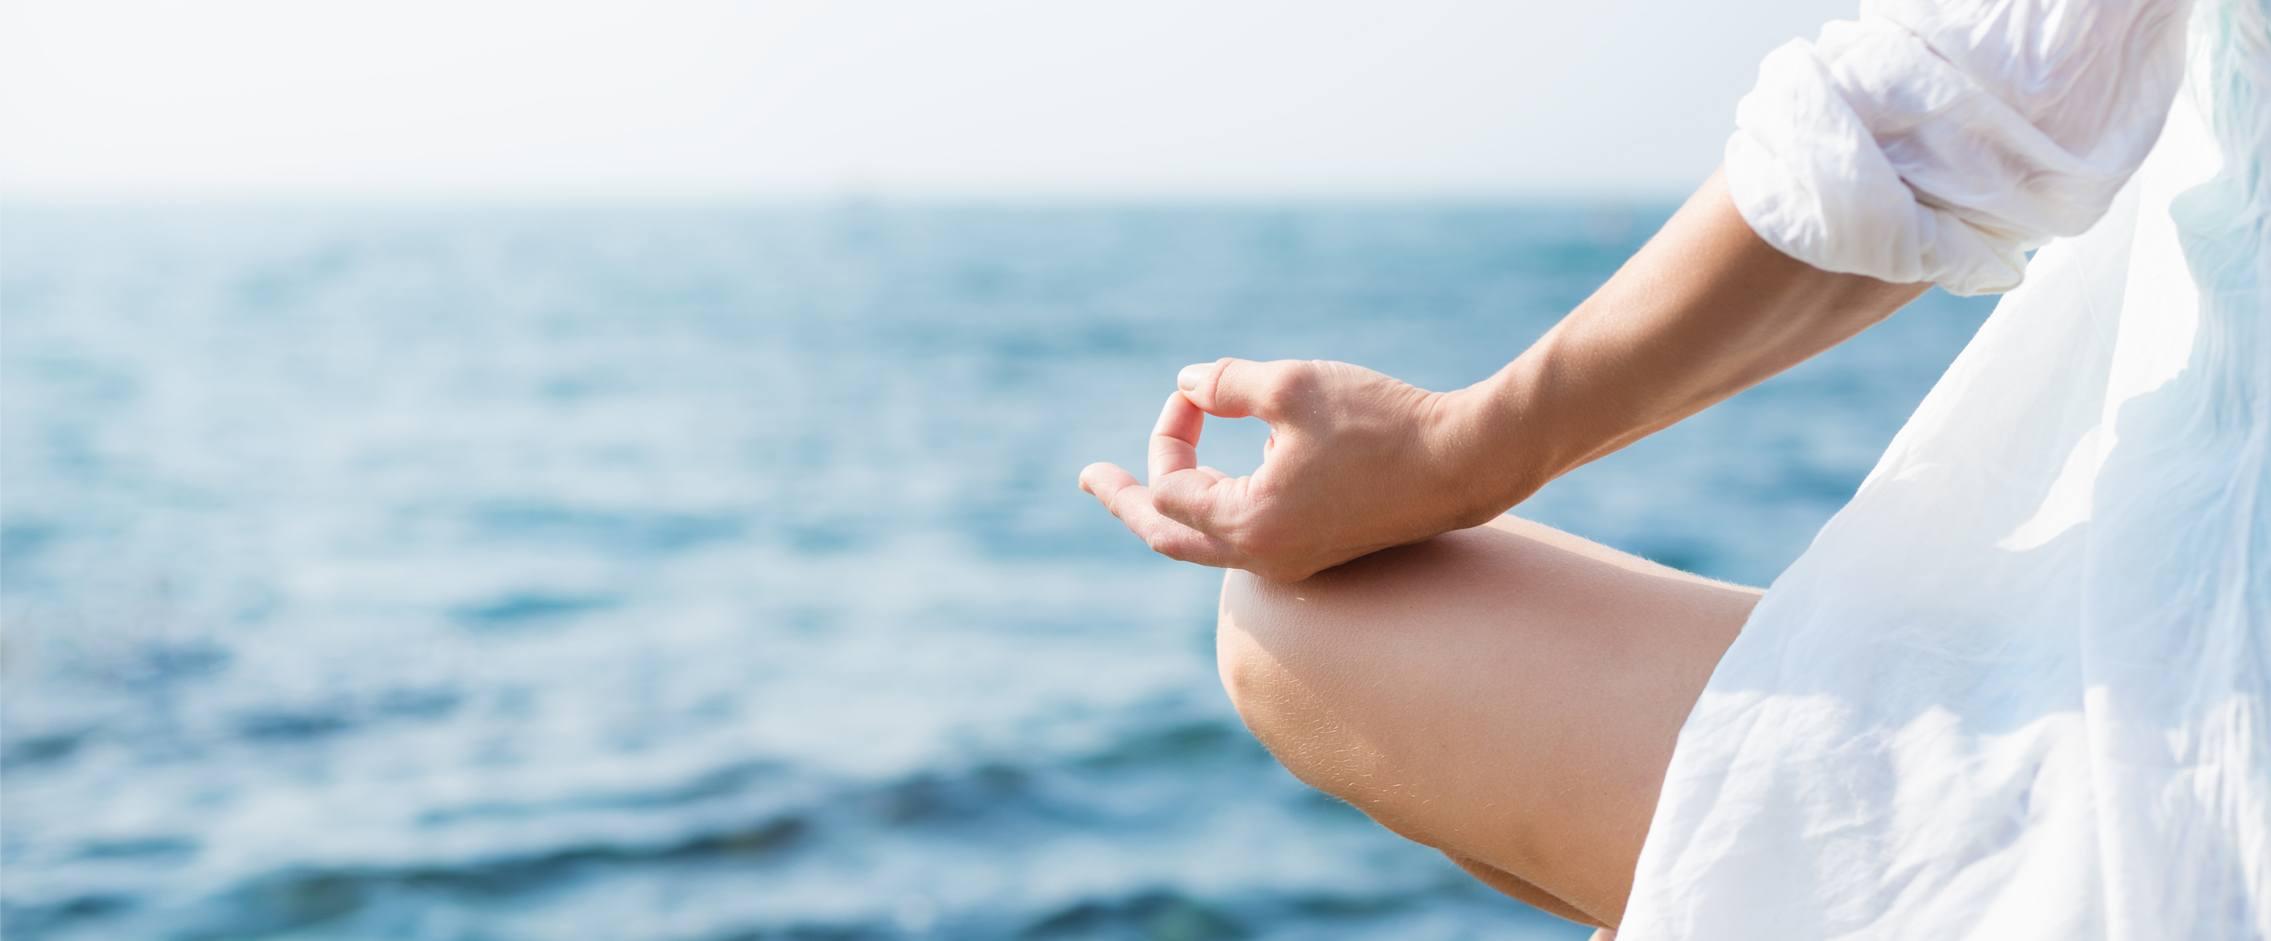 Ayurveda und Yoga - entspanntes Yoga mit Blick auf das blaue Meer